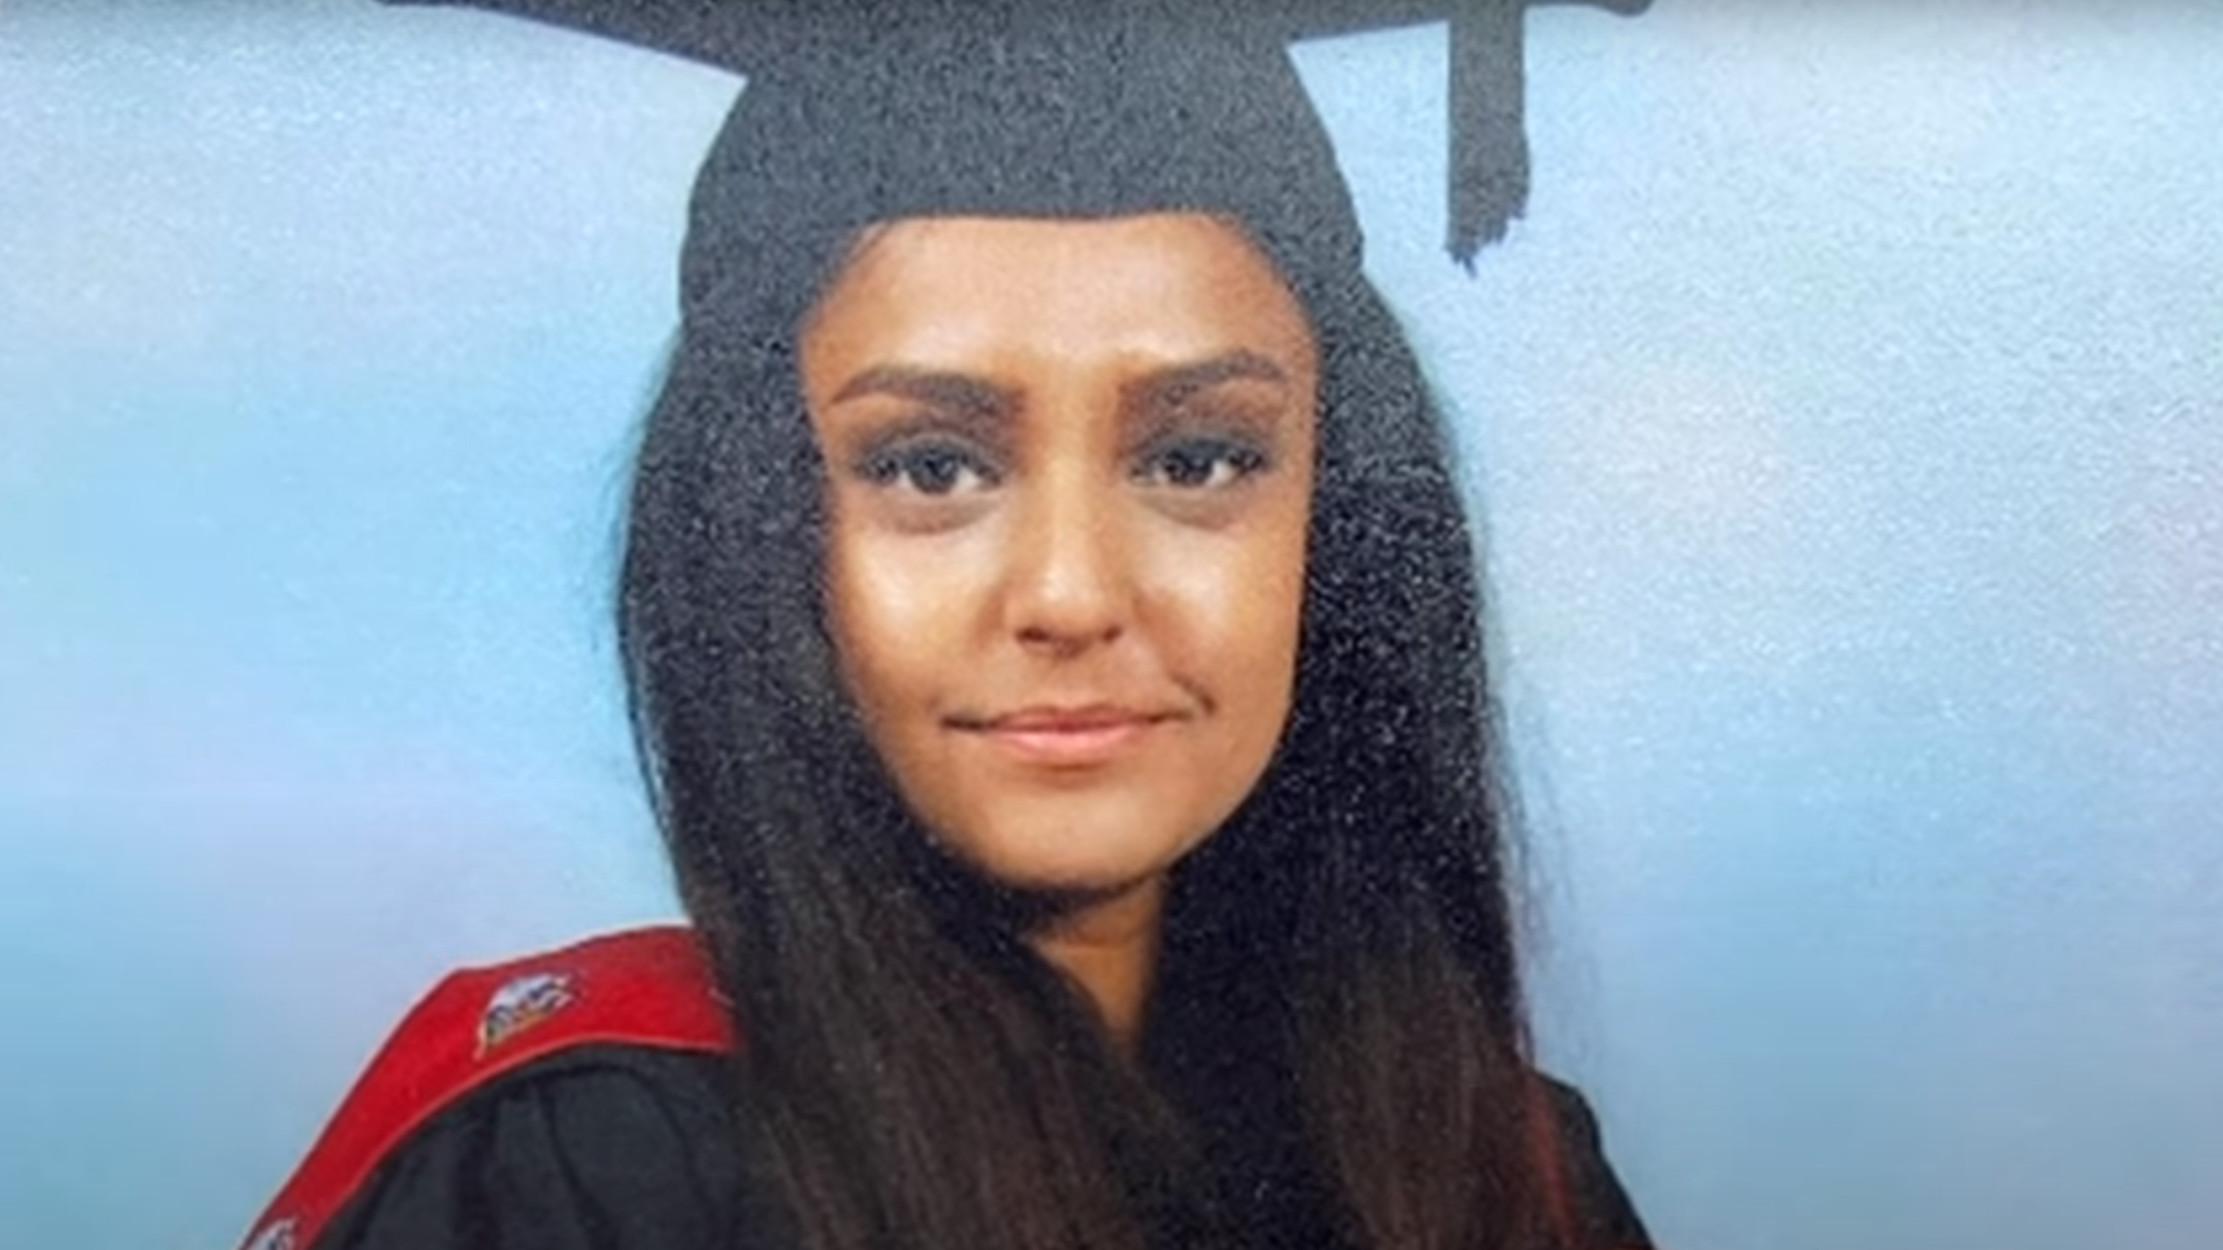 Λονδίνο: Απαγγέλθηκαν κατηγορίες για τη δολοφονία της δασκάλας που βρέθηκε σε πάρκο